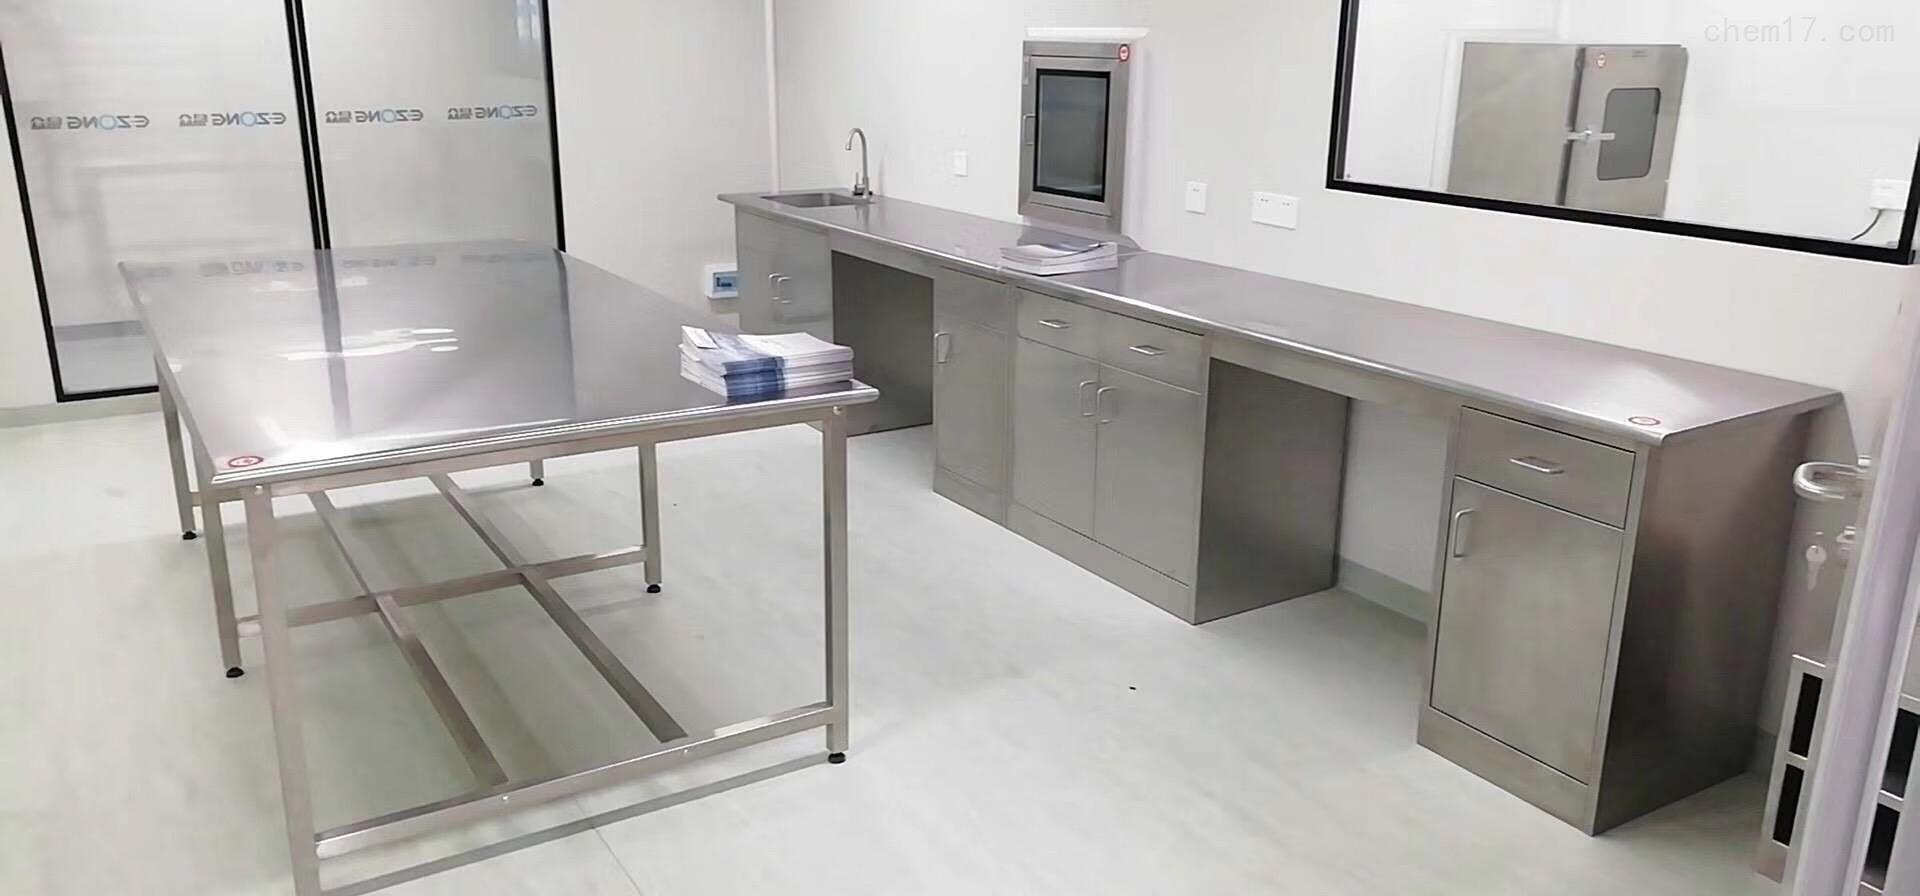 信阳市实验台不锈钢更衣柜非标定制